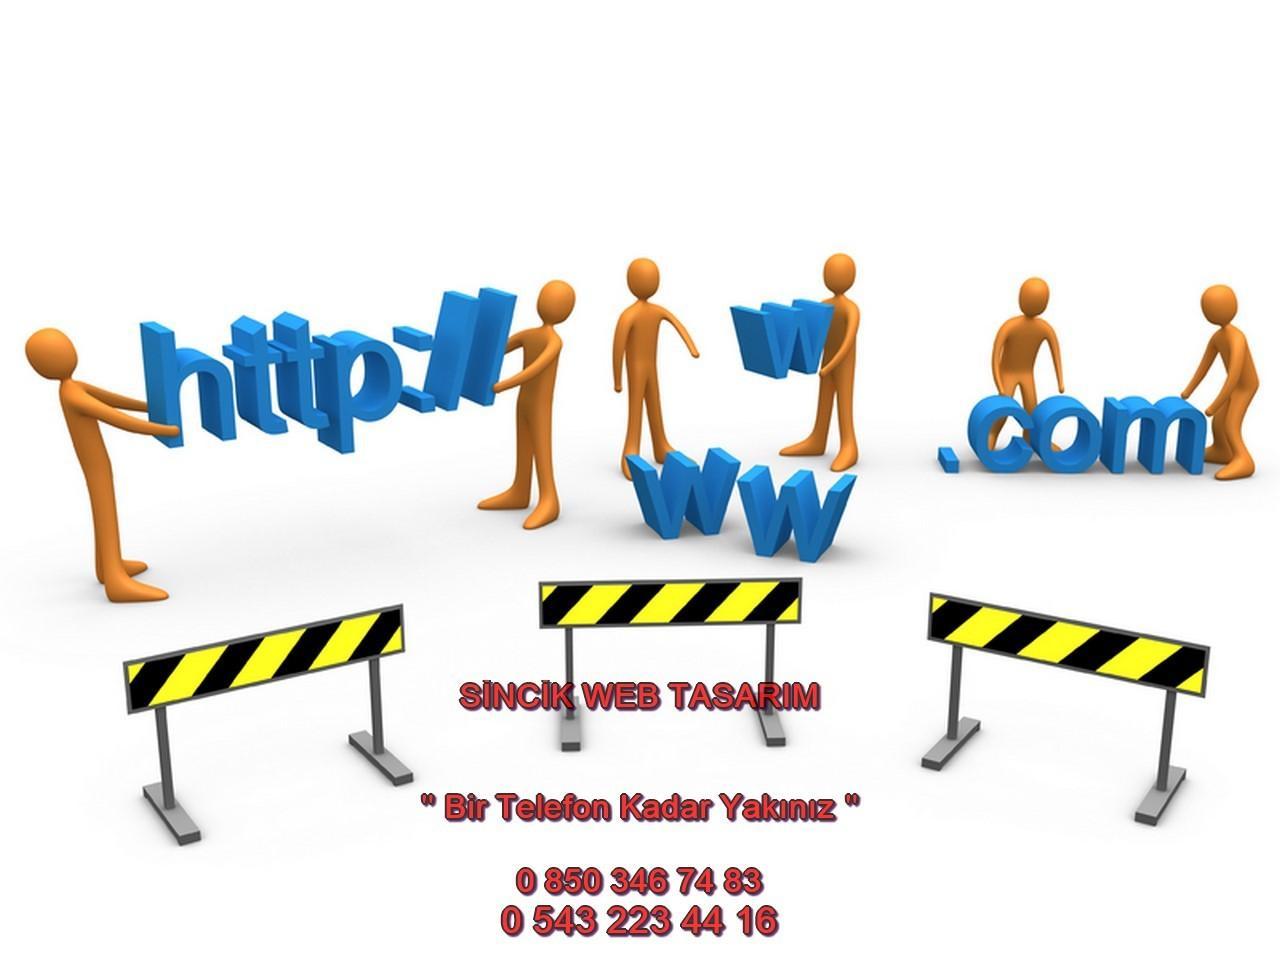 Sincik Web Tasarım